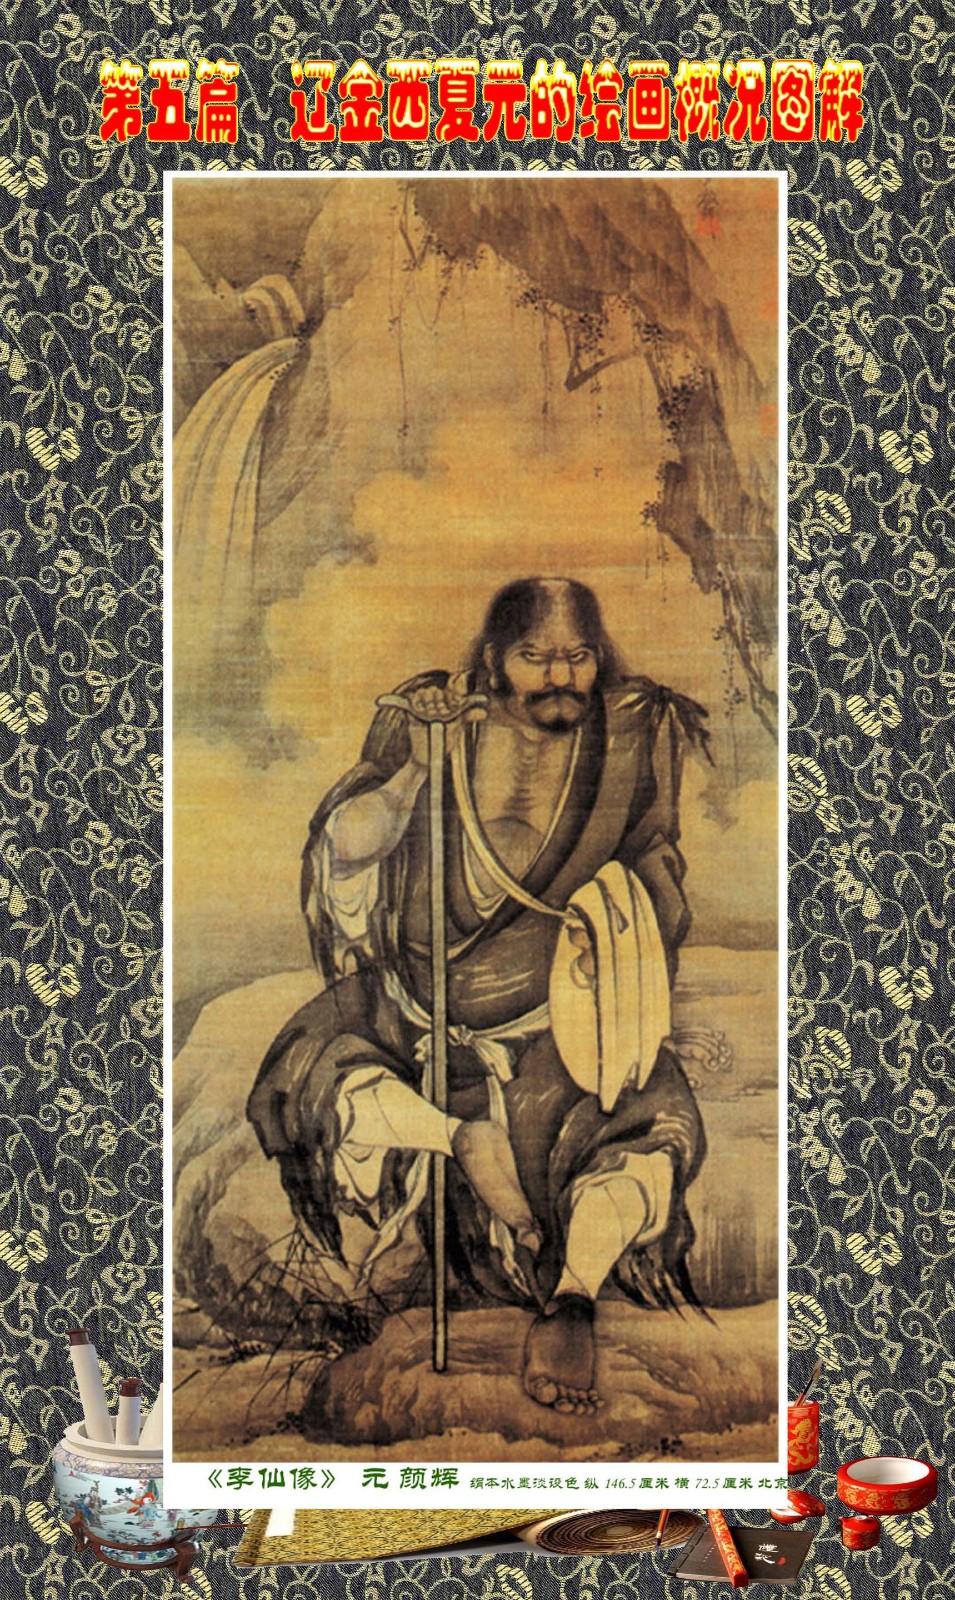 顾绍骅编辑 中国画知识普及版 第五篇 辽金西夏元的绘画概况 下 ... ..._图1-36